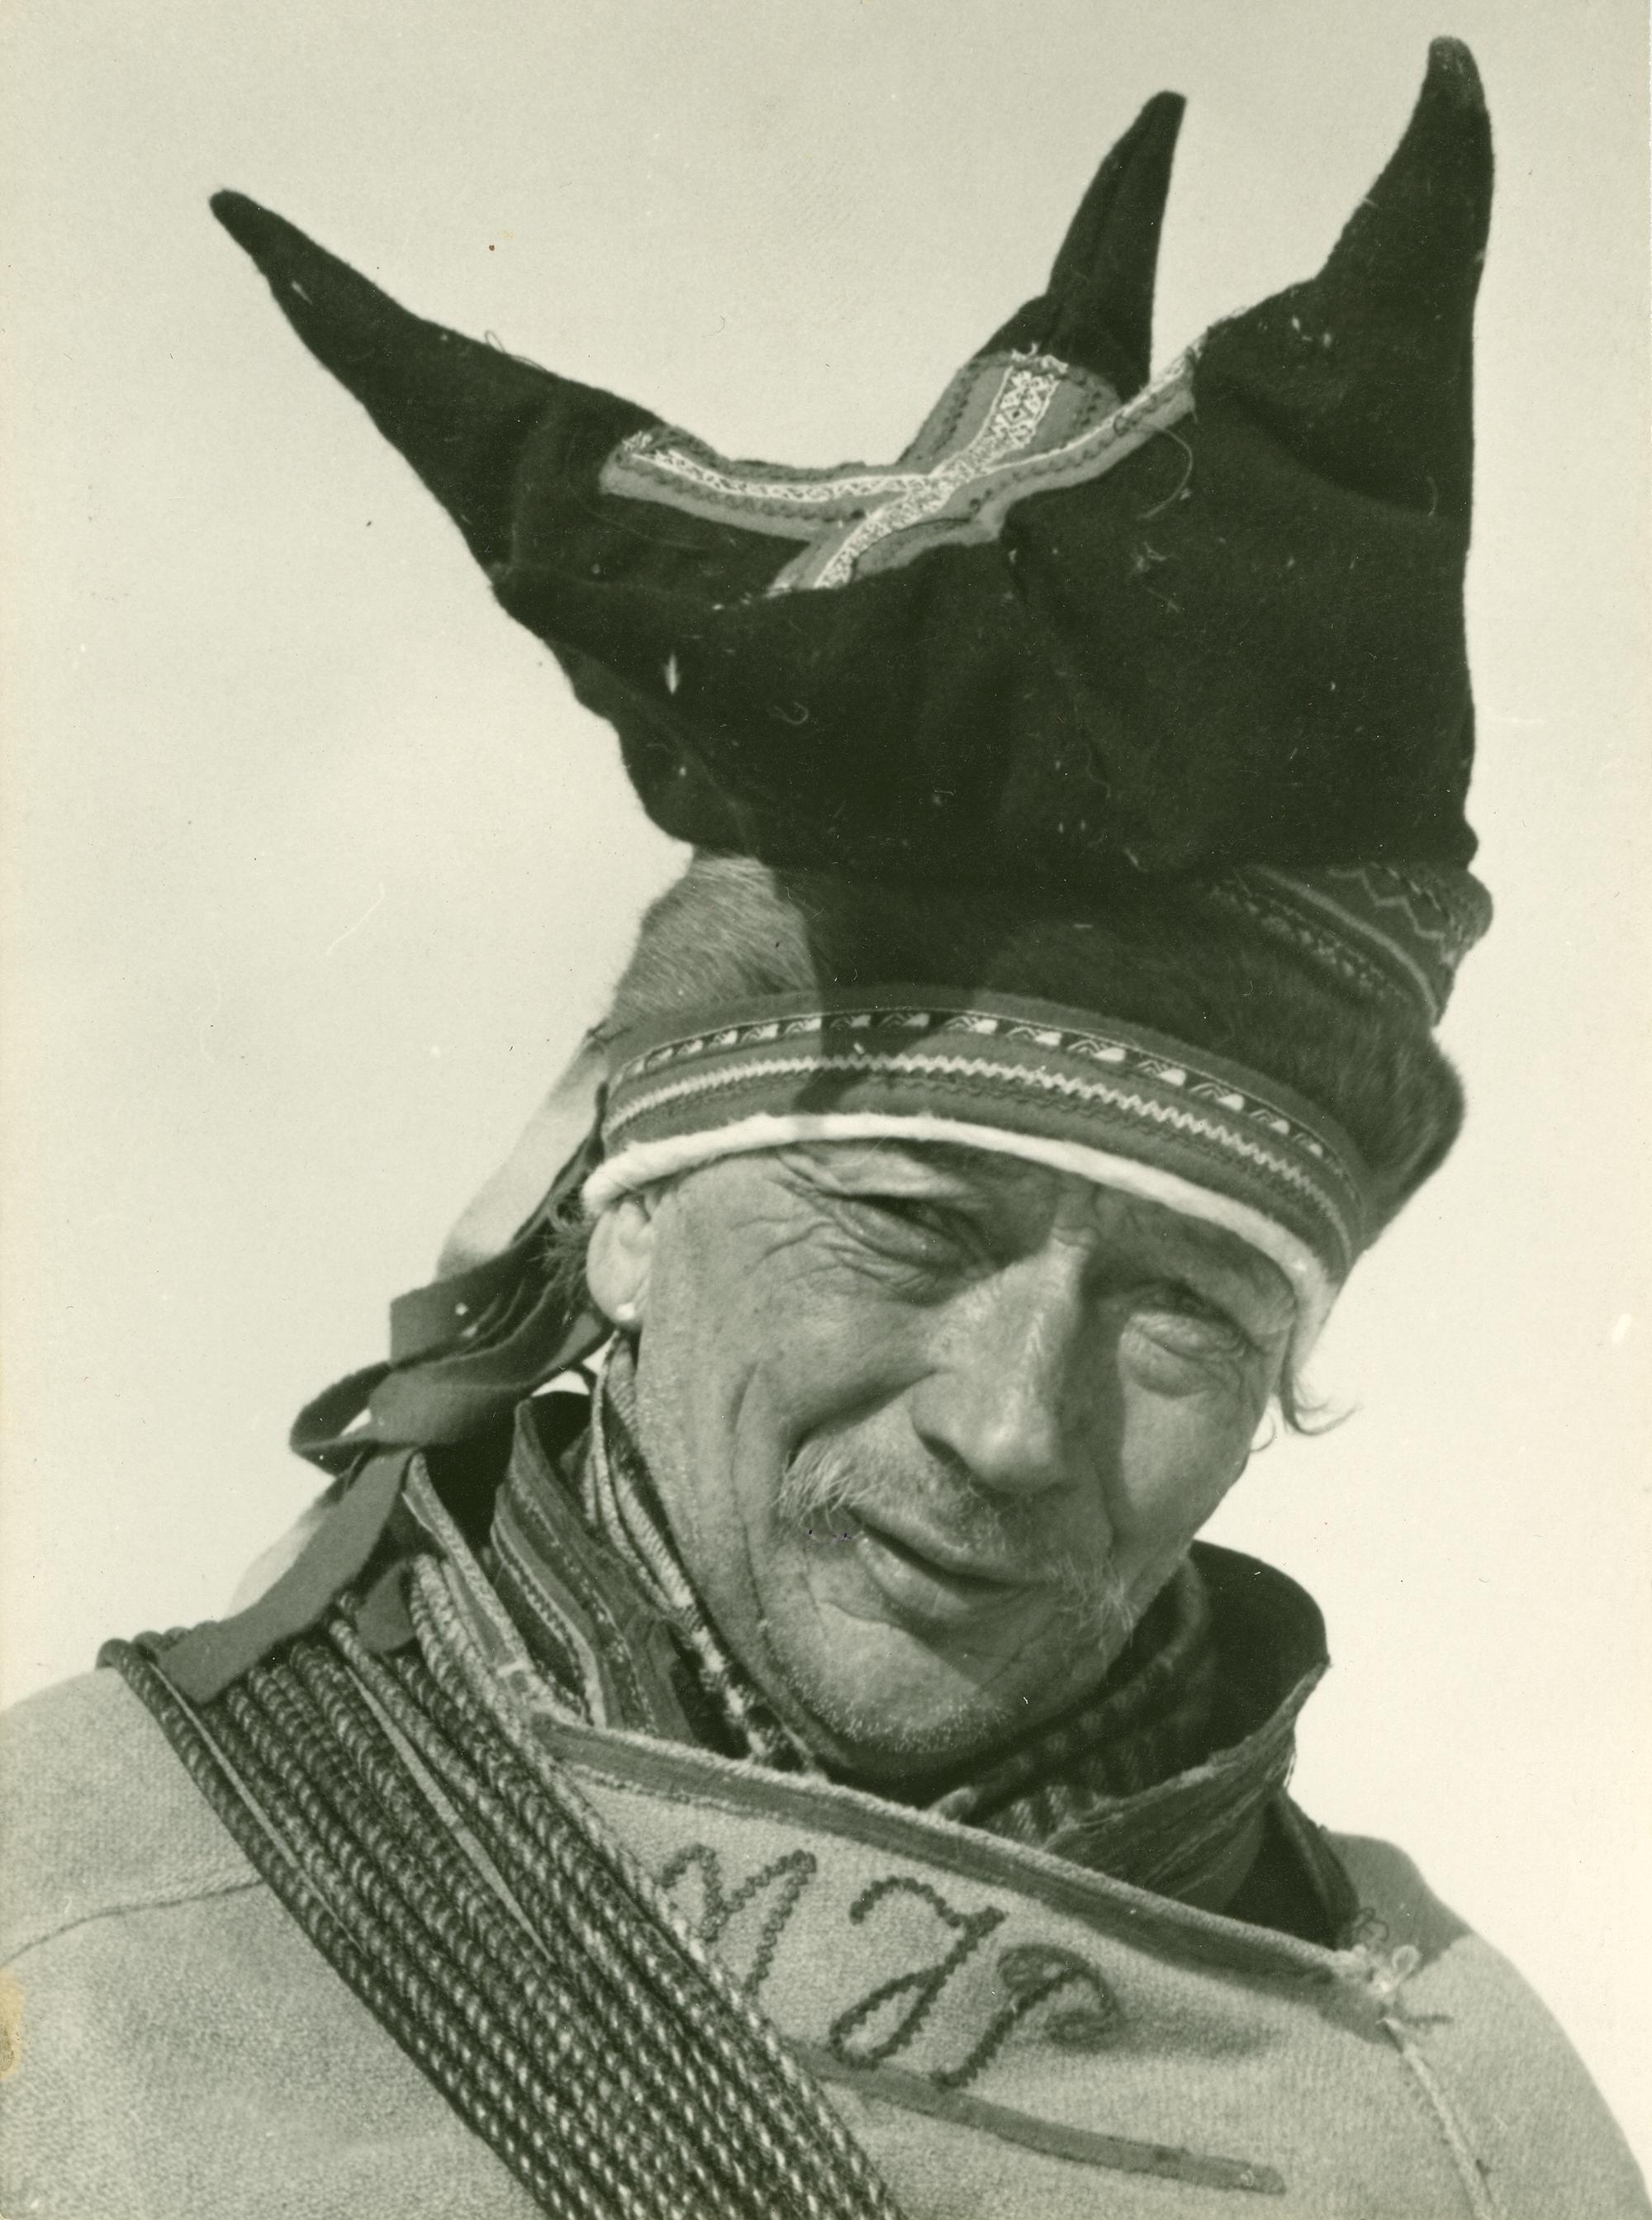 Mattis Johansen Pentha har i ca. 60 år loset posten fram over Finnmarksvidda i kamp mot storm og varg.